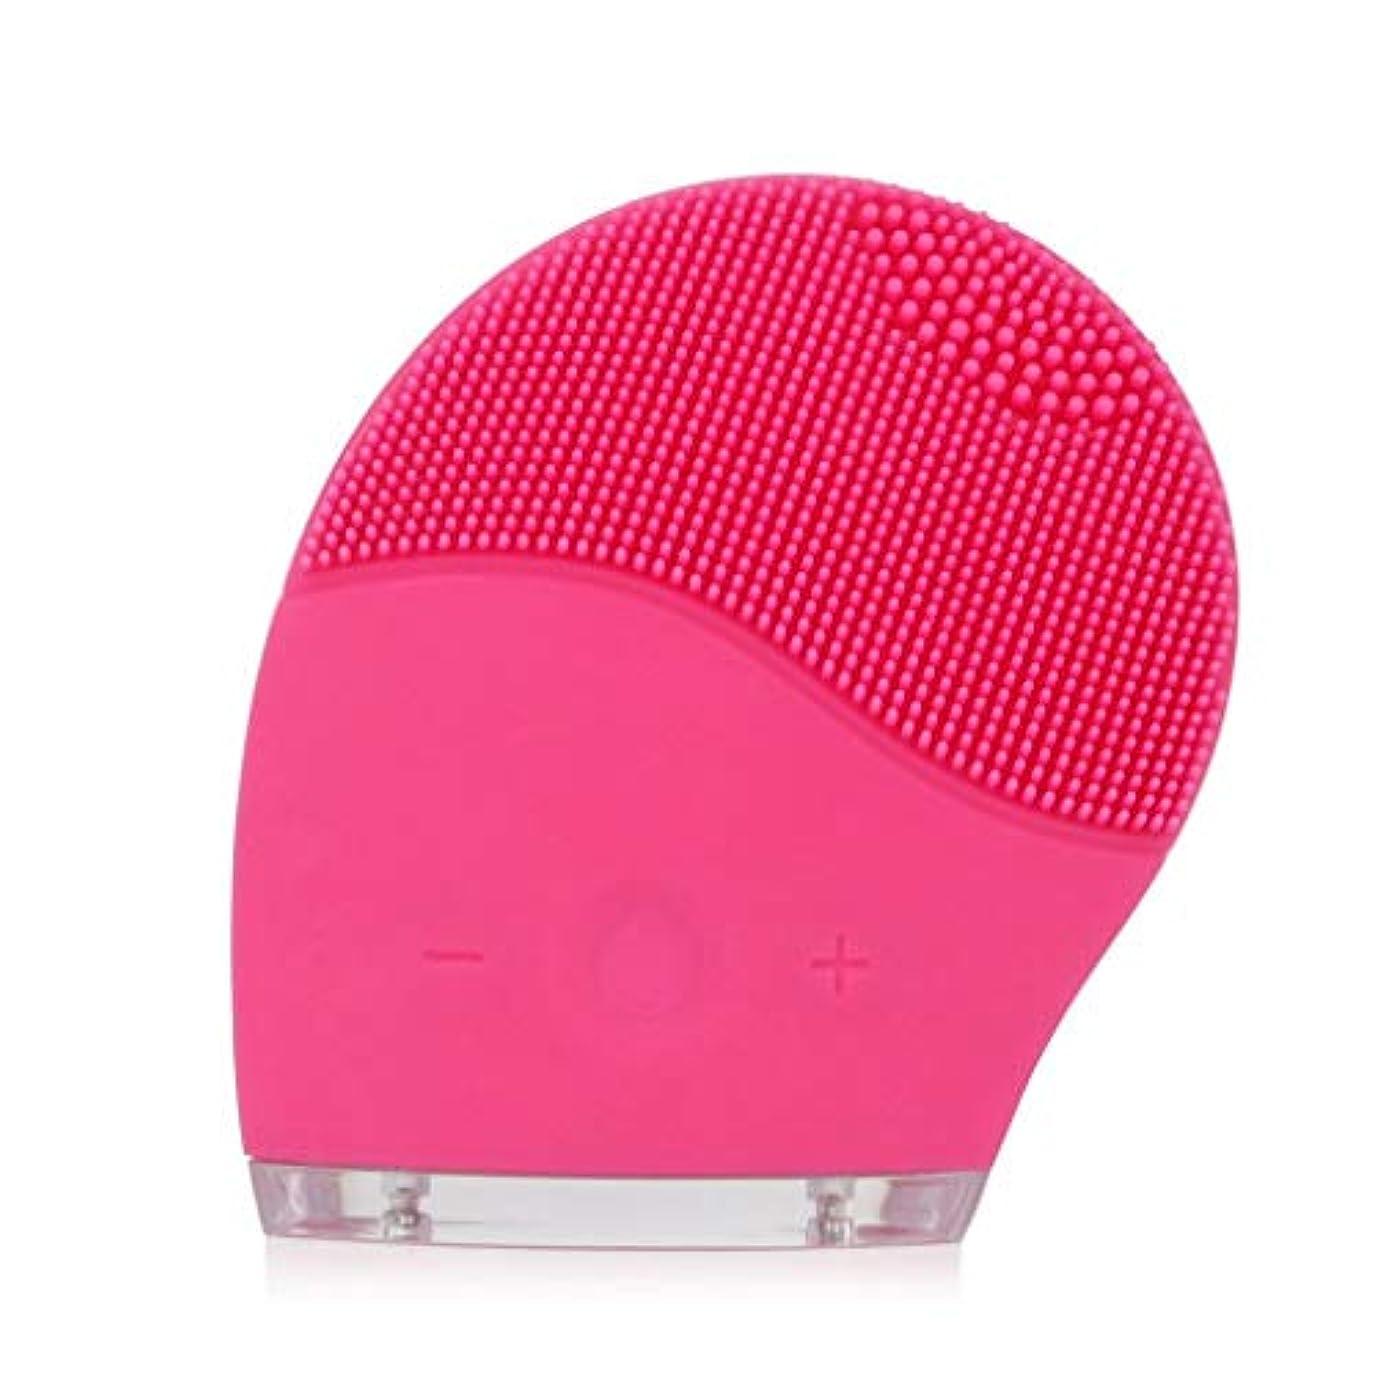 転用不変中傷フェイシャルクレンジングブラシ、電気シリコーンフェイシャルマッサージブラシ防水アンチエイジングスキンクレンザー、ディープエクスフォリエイティングメイクアップツール、フェイシャルポリッシュ、スクラブ (Color : Pink)